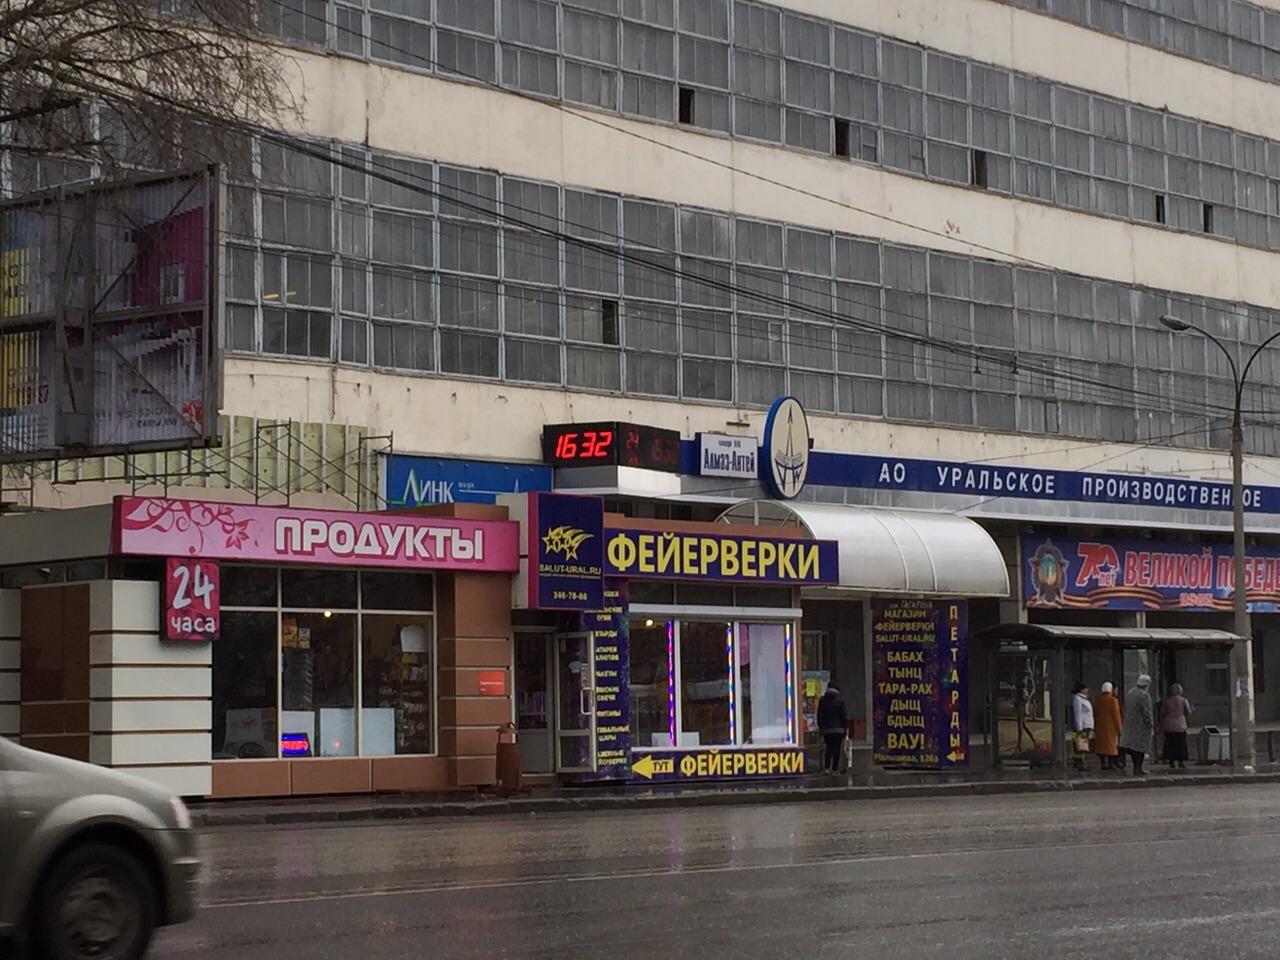 Купить фейерверки, салюты, петарды недорого в Москве